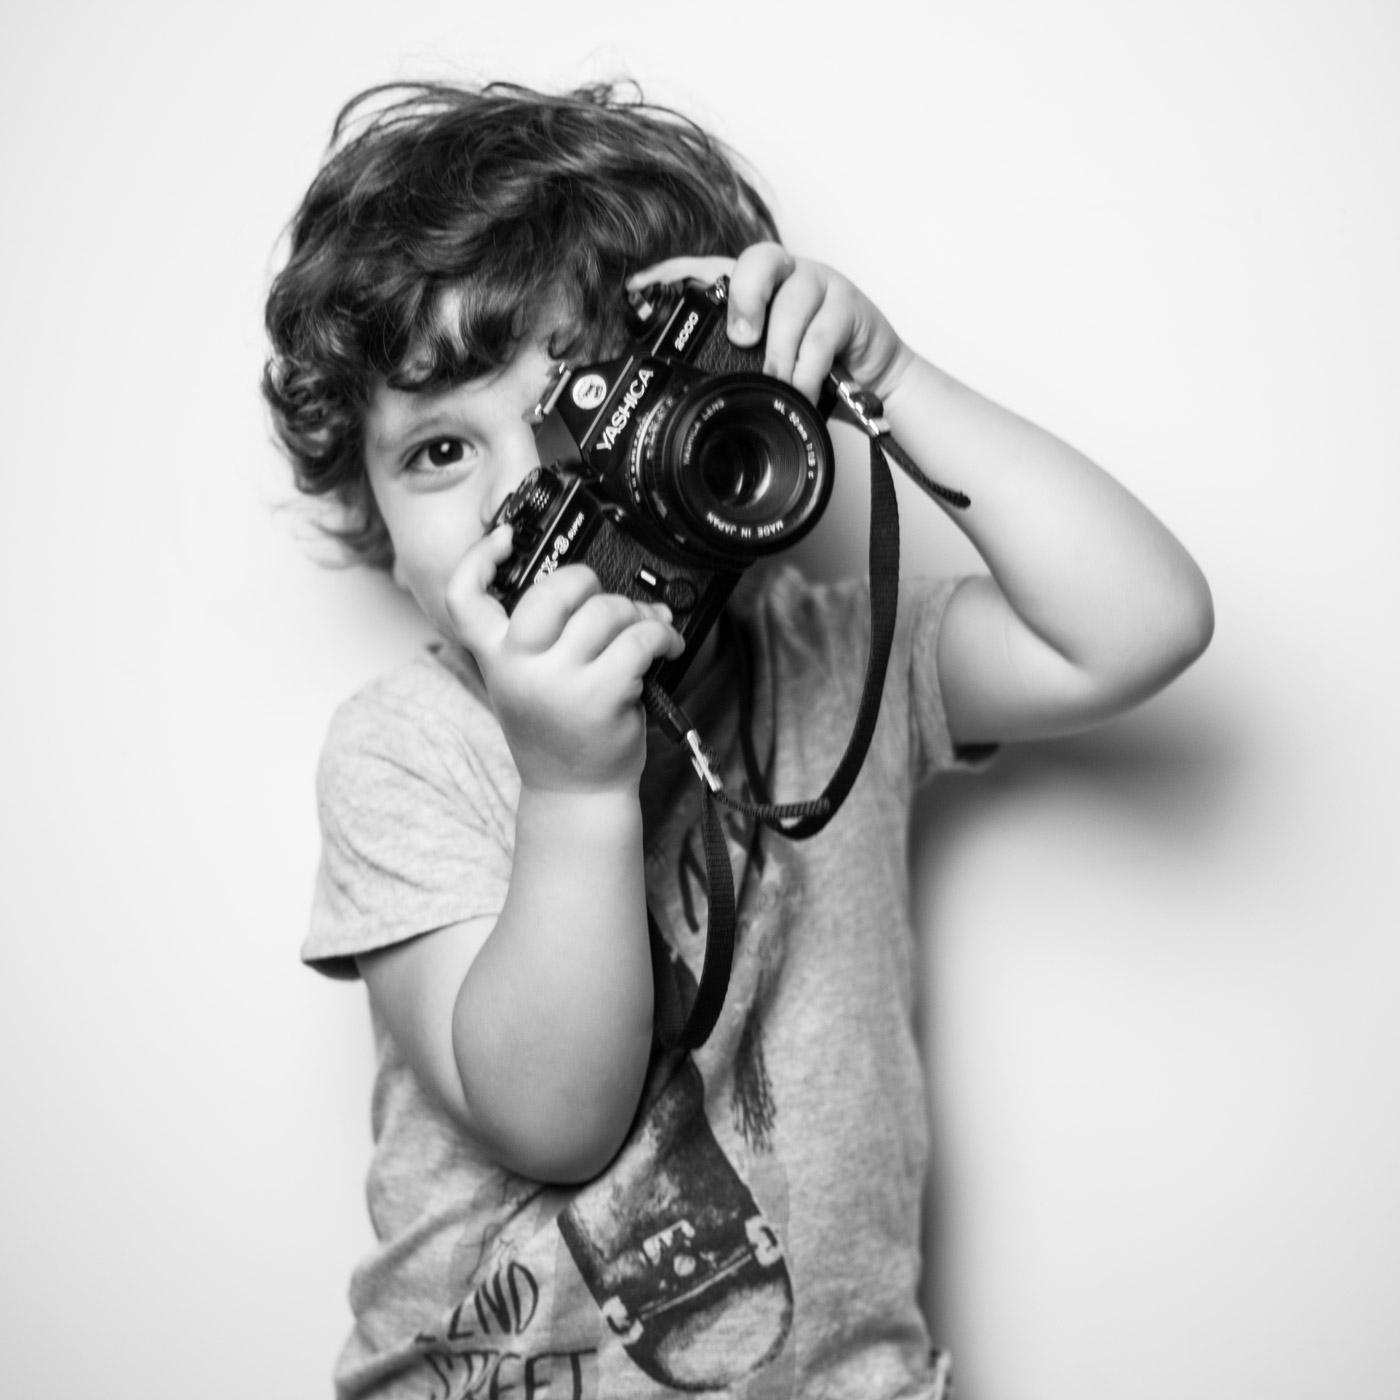 niño sujetando una reflex yashica con actitud de fotografo profesional